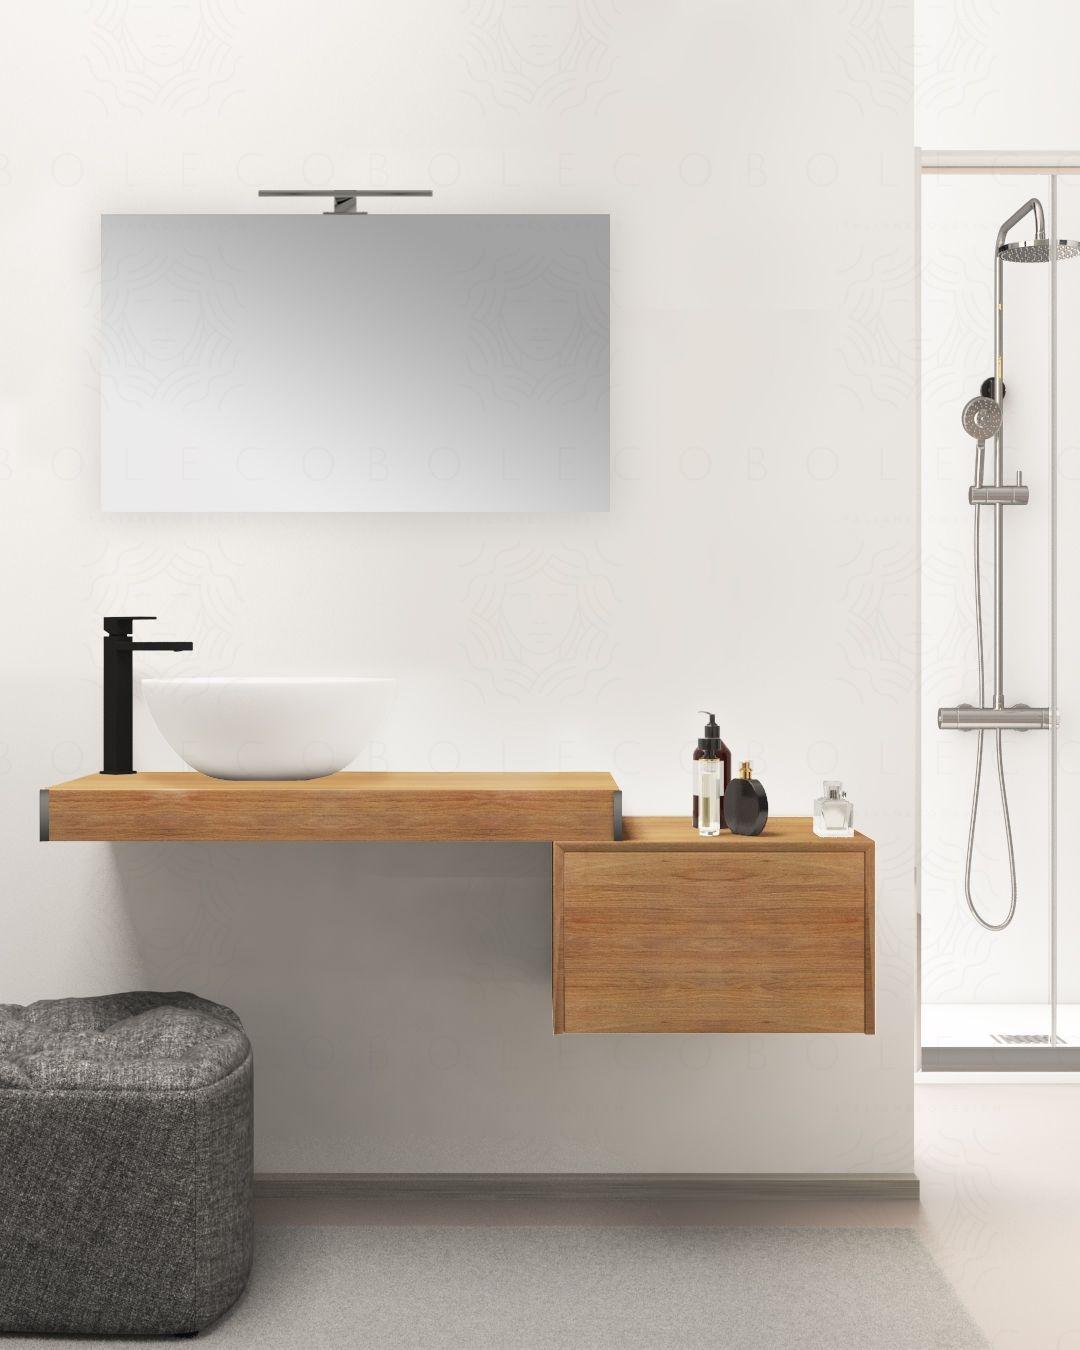 Mensolone bagno cm.90, completo di staffe regolabili, lavabo in